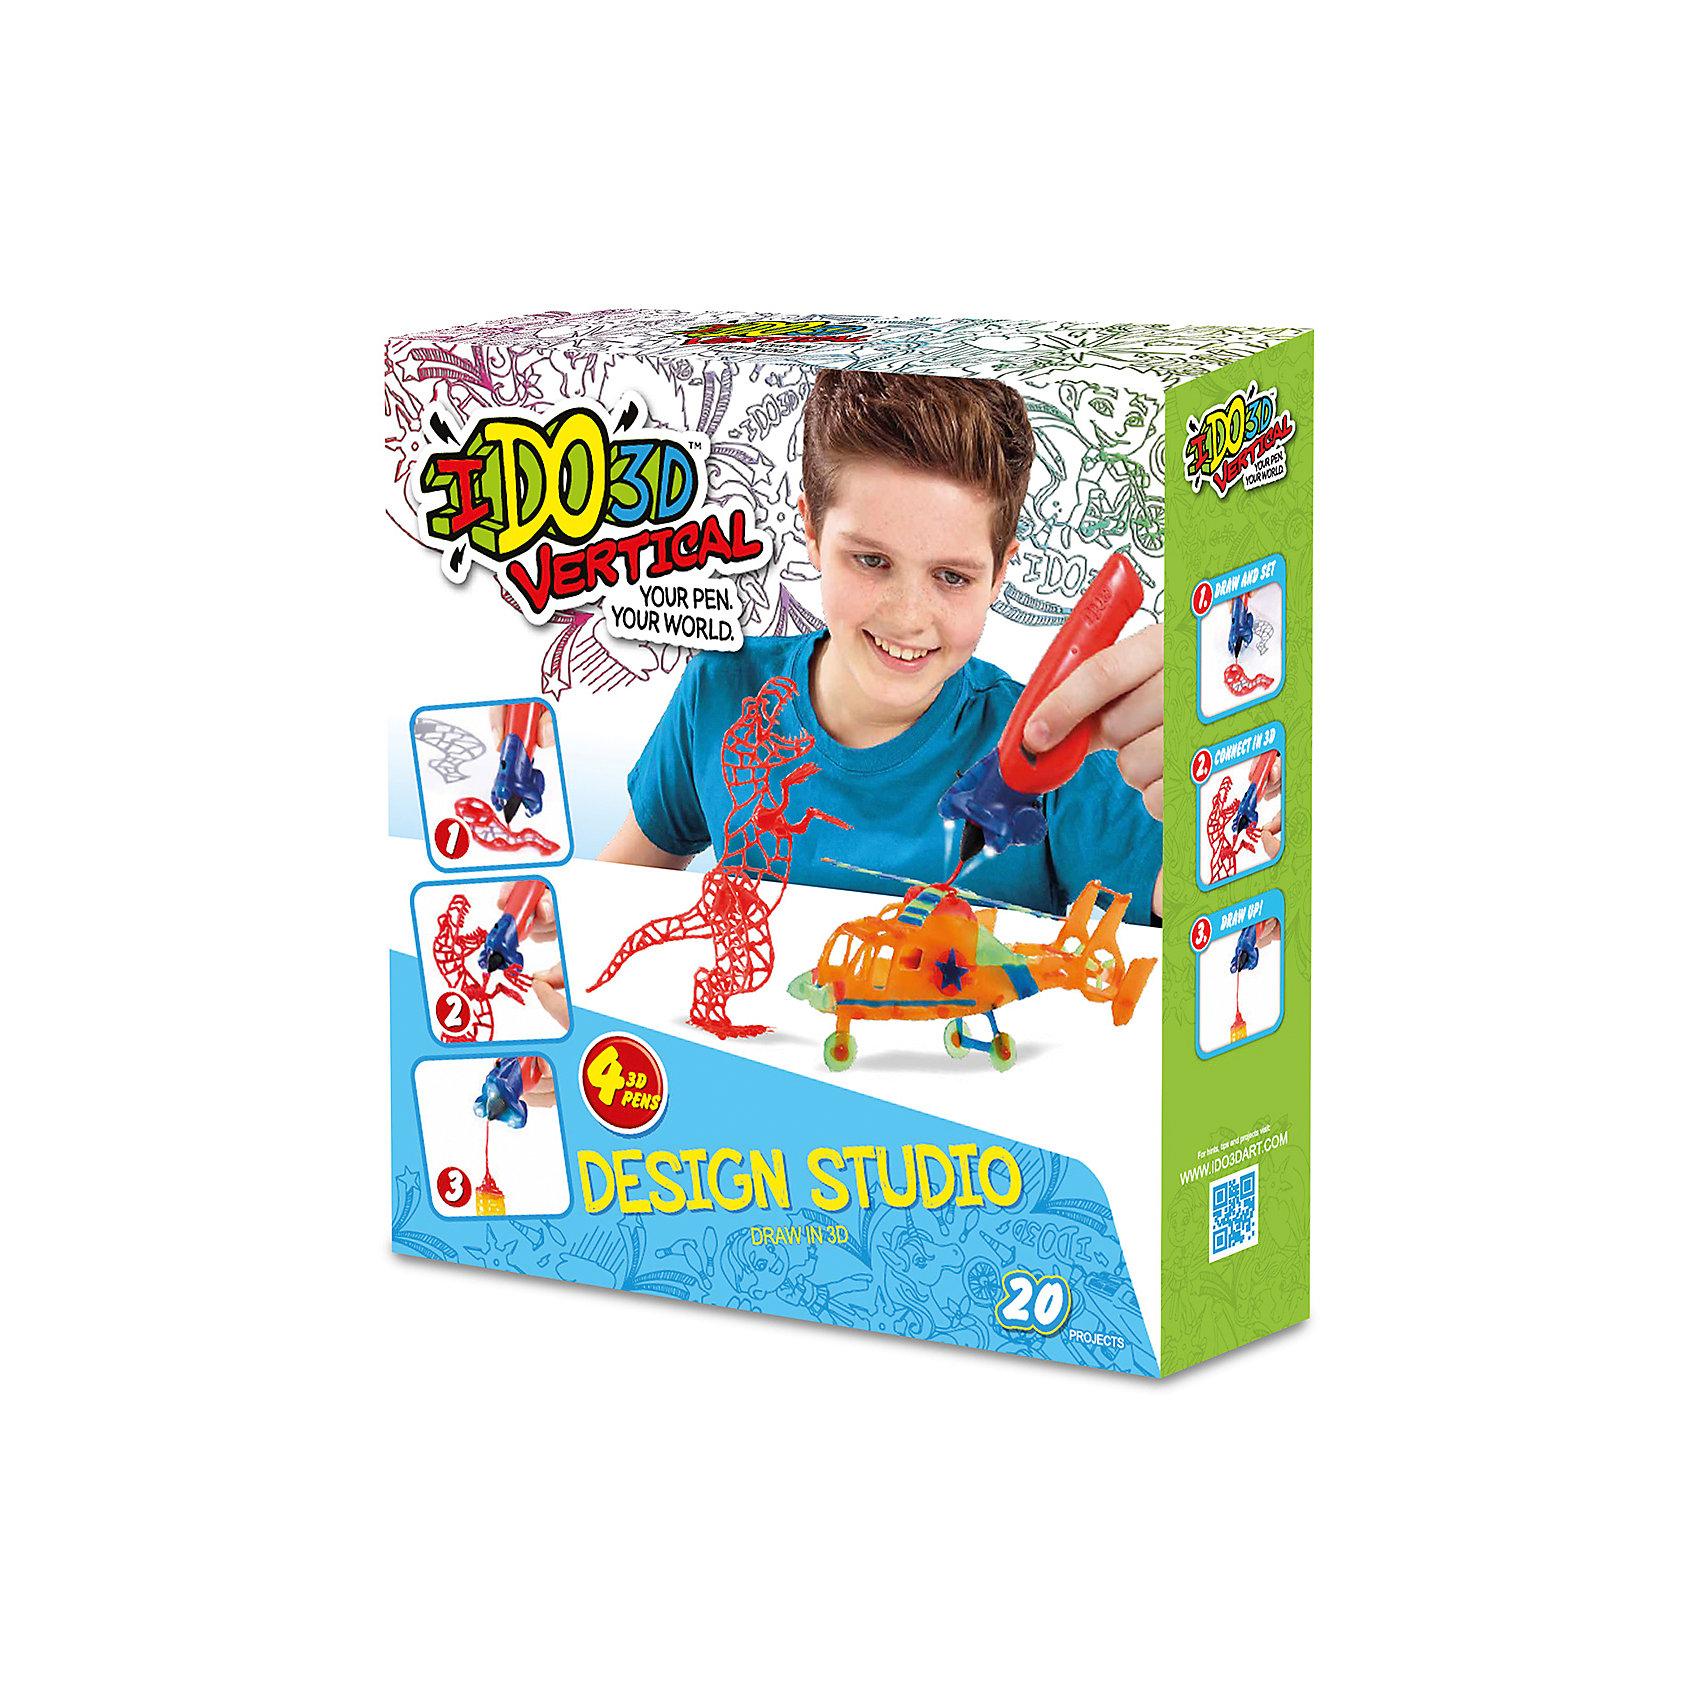 3D ручка Вертикаль,4шт, Дикие забавы (оранж+зел+син+красн)Наборы 3D ручек<br>Революционная игрушка в области 3Д рисования, новинка 2016 -  Ручка 3D для рисования в воздухе. В наборе- 4 цветные 3D ручки, световая насадка для отверждения, трафареты и инструкция. Работает от 3-х батареек А76/(LR44) входят в набор<br><br>Ширина мм: 30<br>Глубина мм: 7<br>Высота мм: 33<br>Вес г: 4<br>Возраст от месяцев: 36<br>Возраст до месяцев: 2147483647<br>Пол: Унисекс<br>Возраст: Детский<br>SKU: 5482767